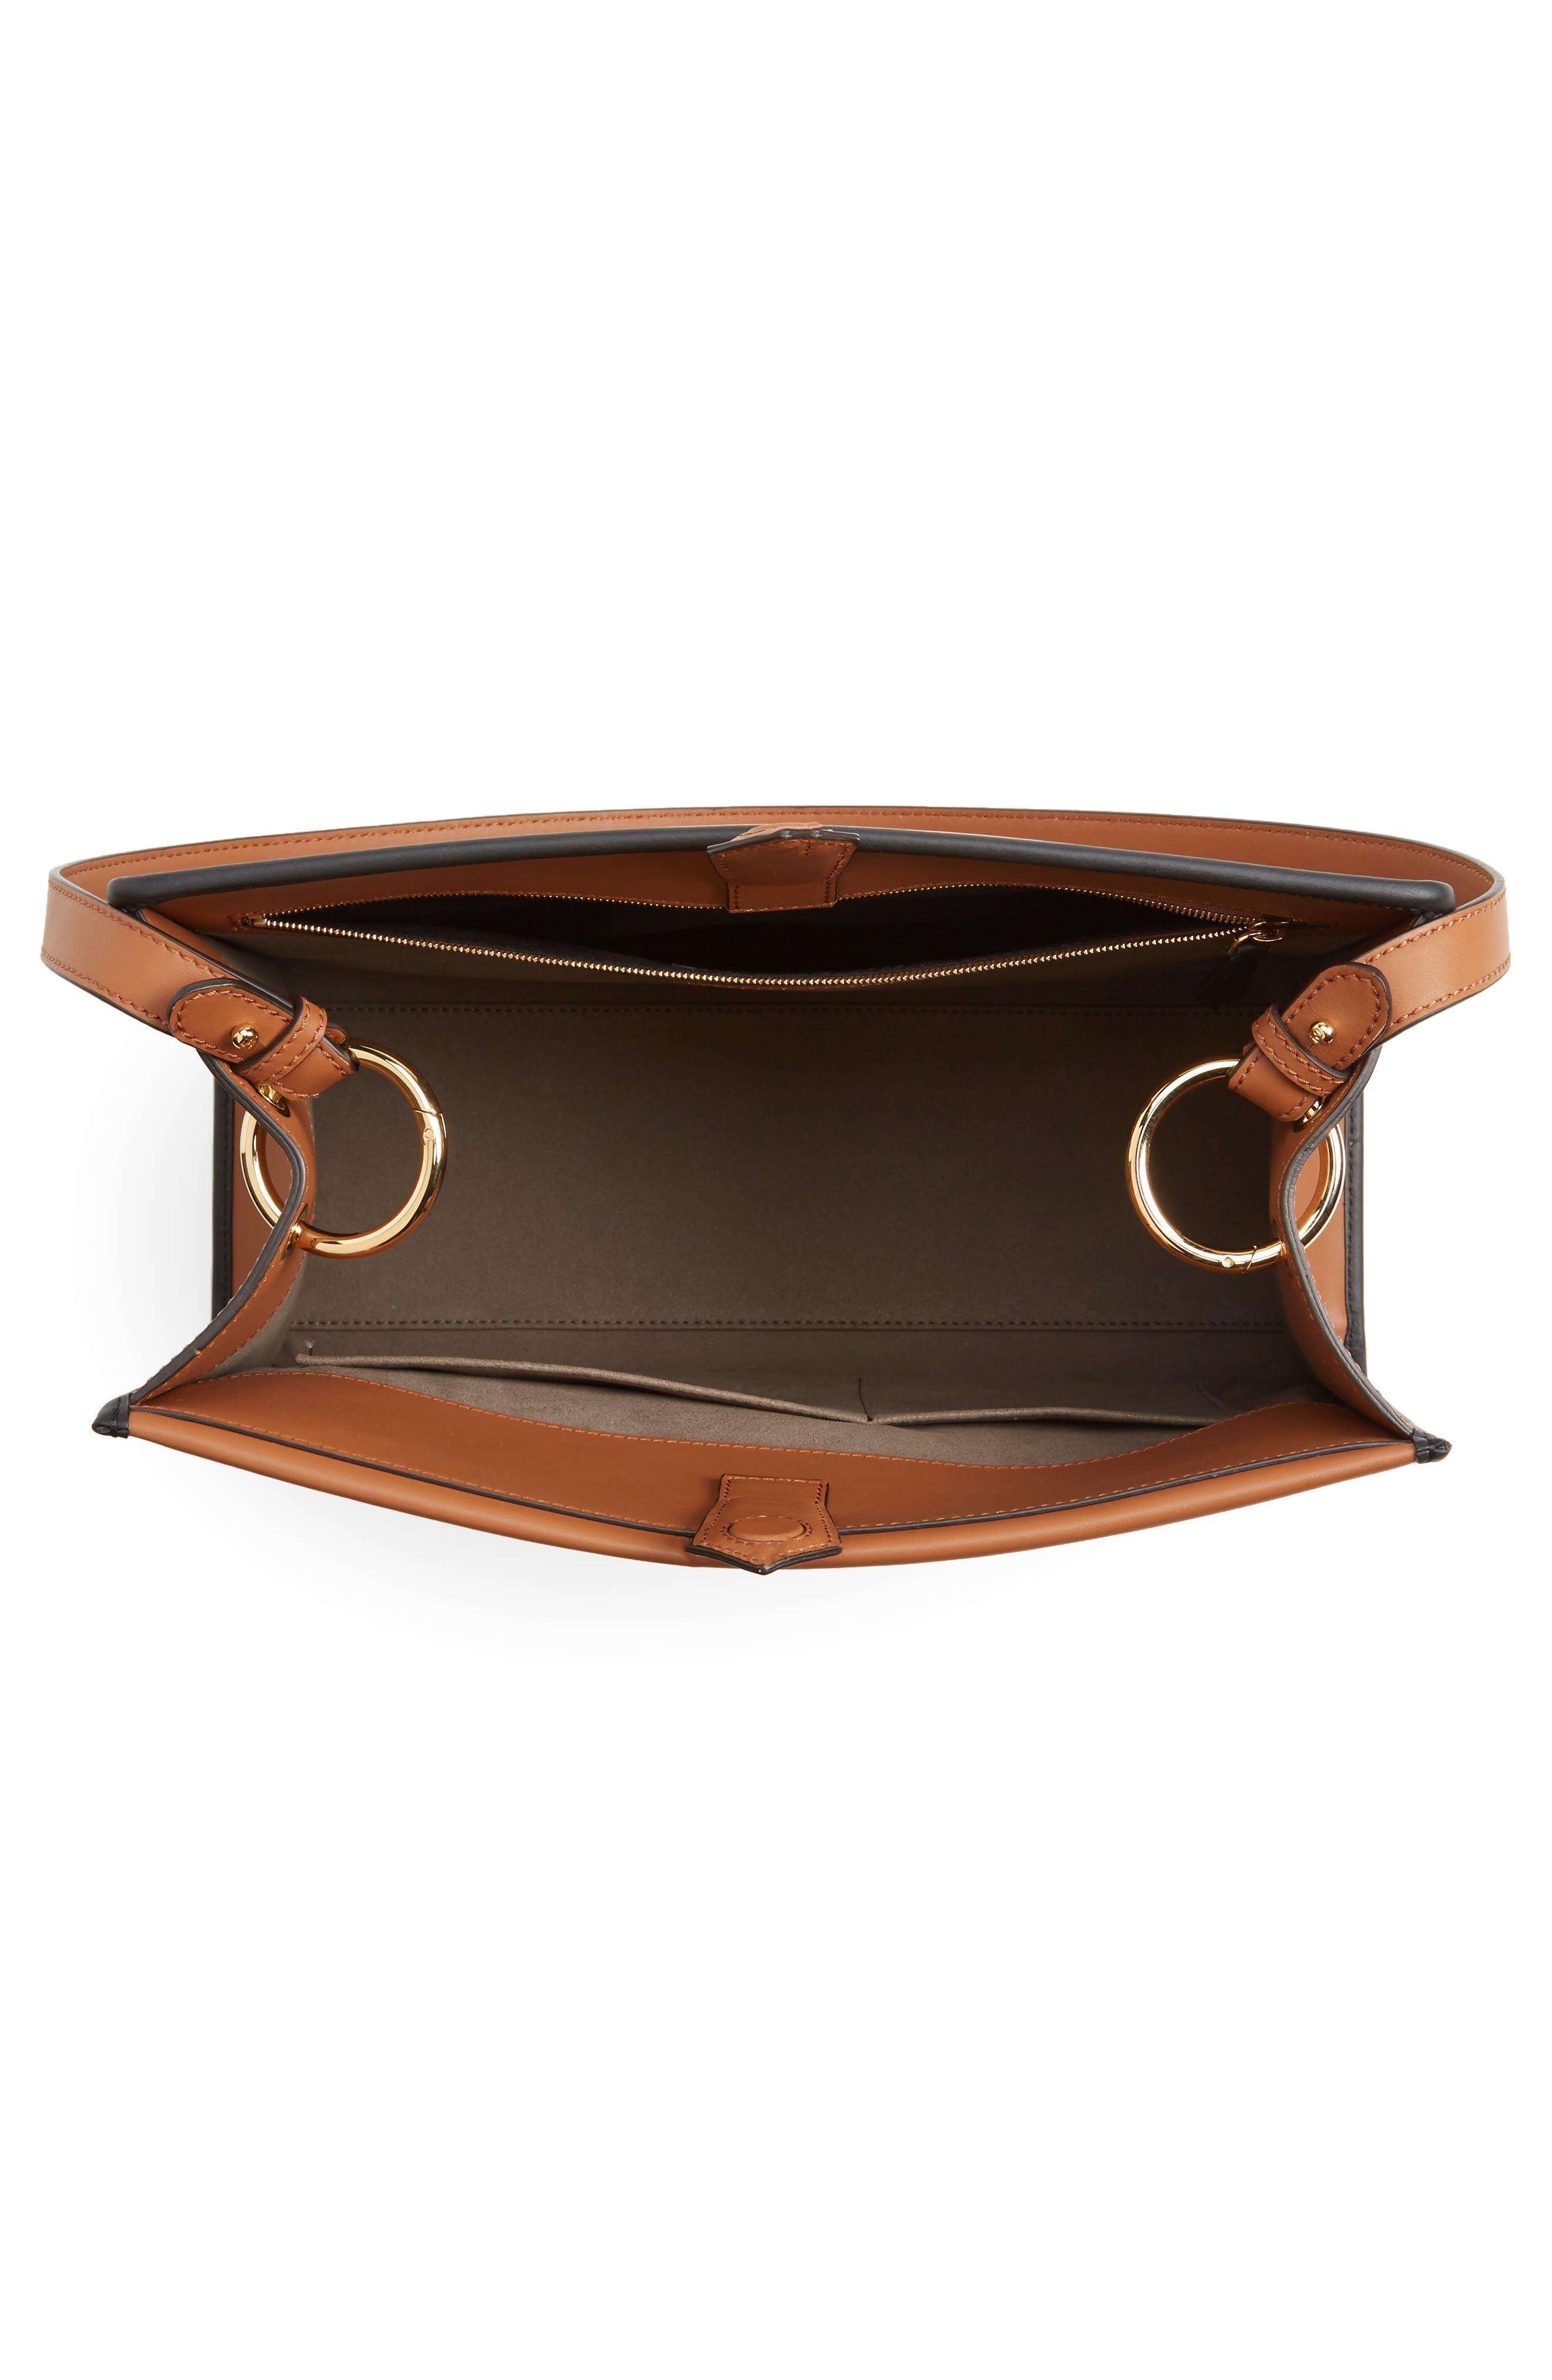 Runaway Medium Leather Tote Bag,                             Alternate thumbnail 4, color,                             Brown